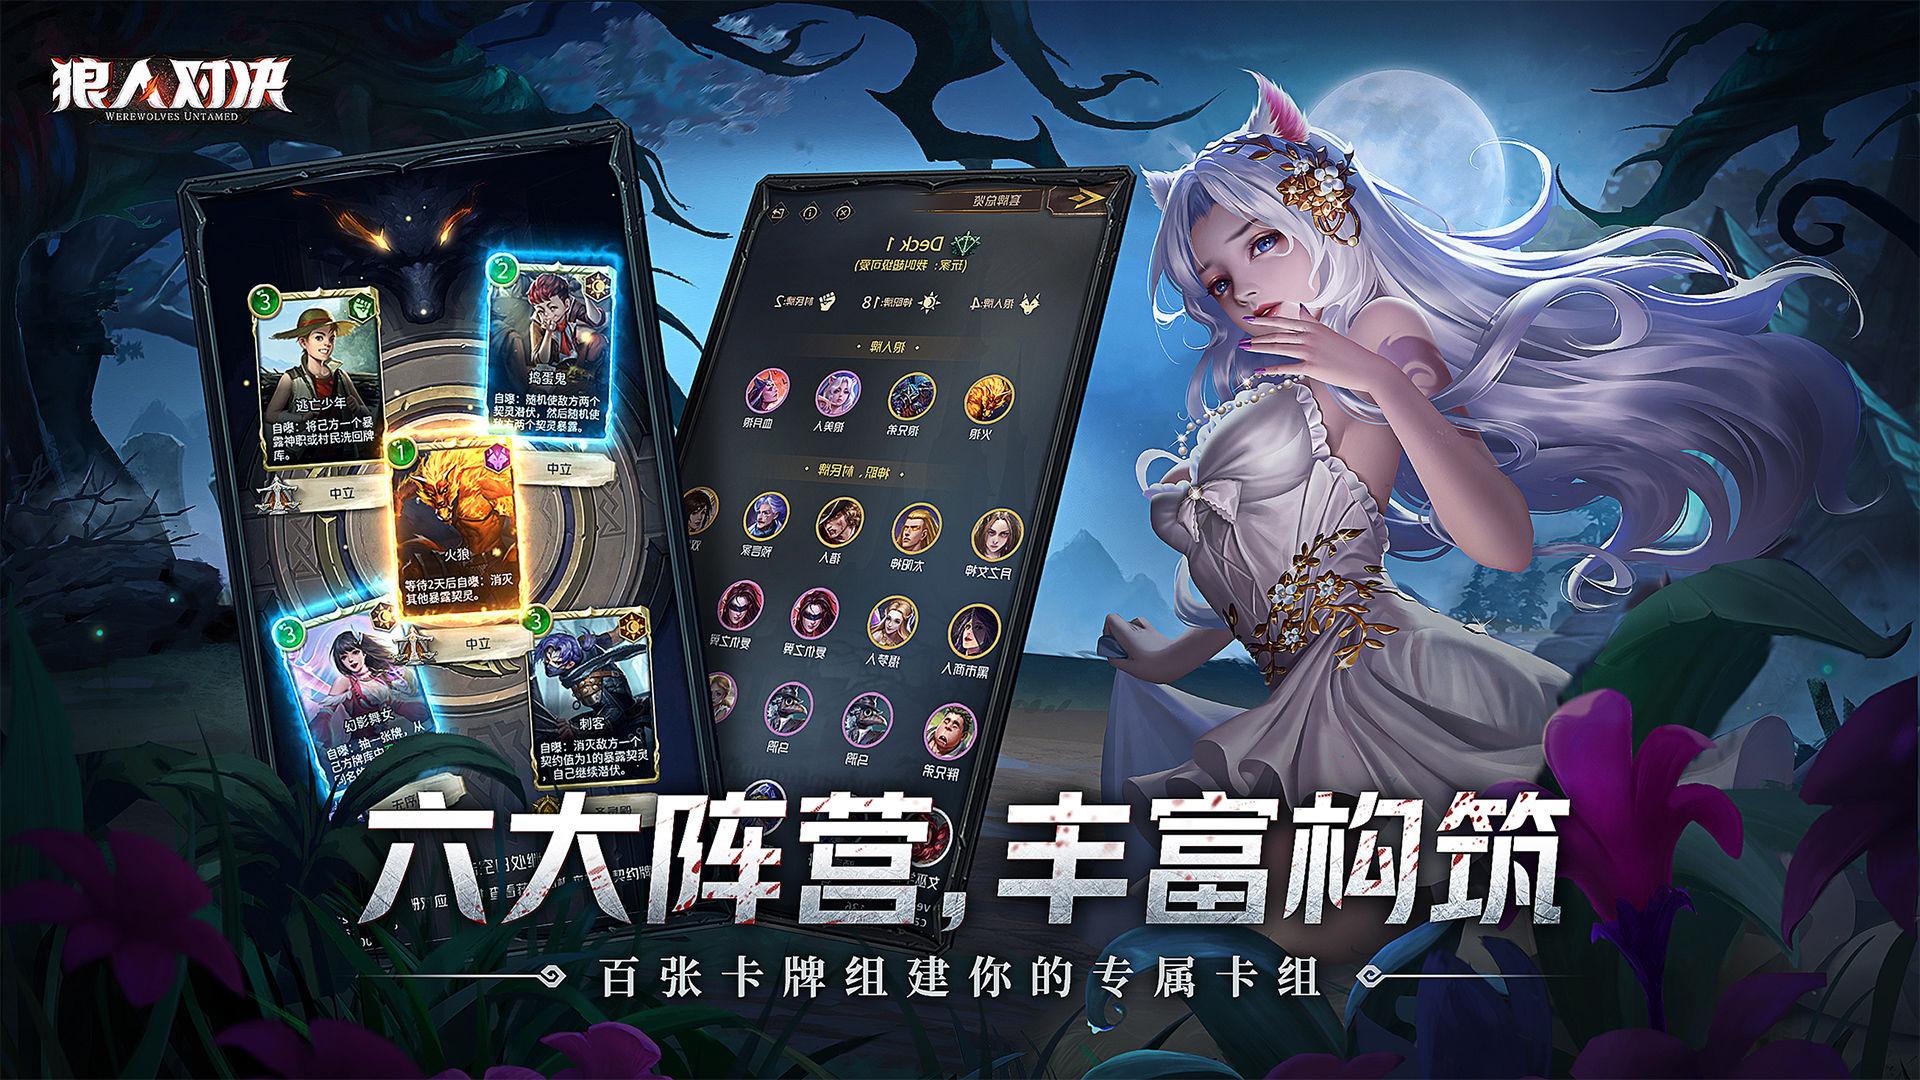 狼人对决最新版下载 v1.0.45 中文版